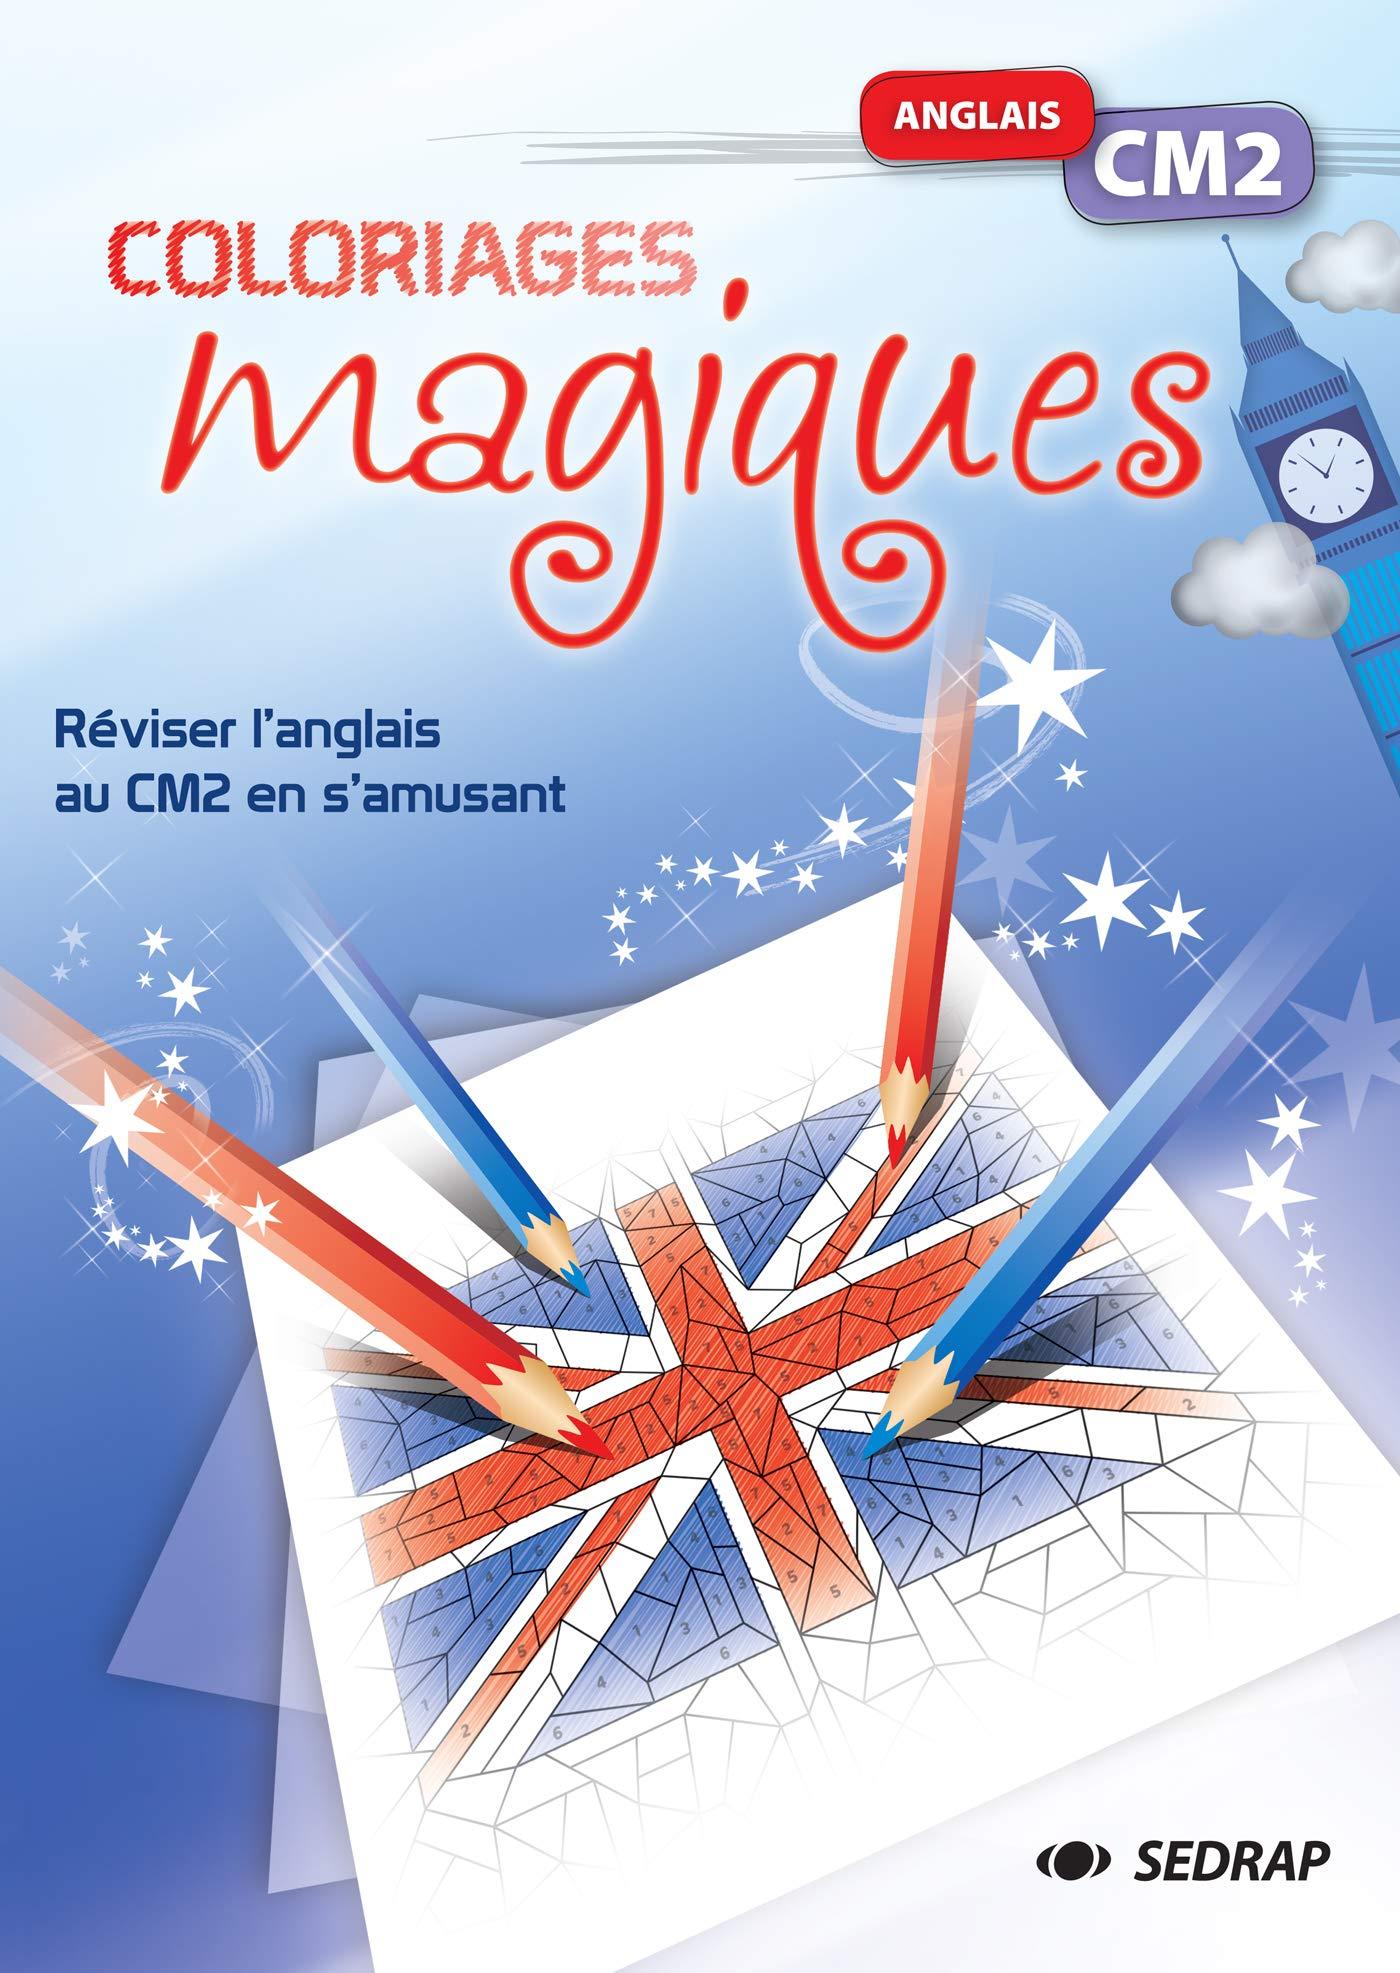 Coloriage Magique Anglais Vetements.Amazon Fr Anglais Cm2 Coloriages Magiques Collectif Livres